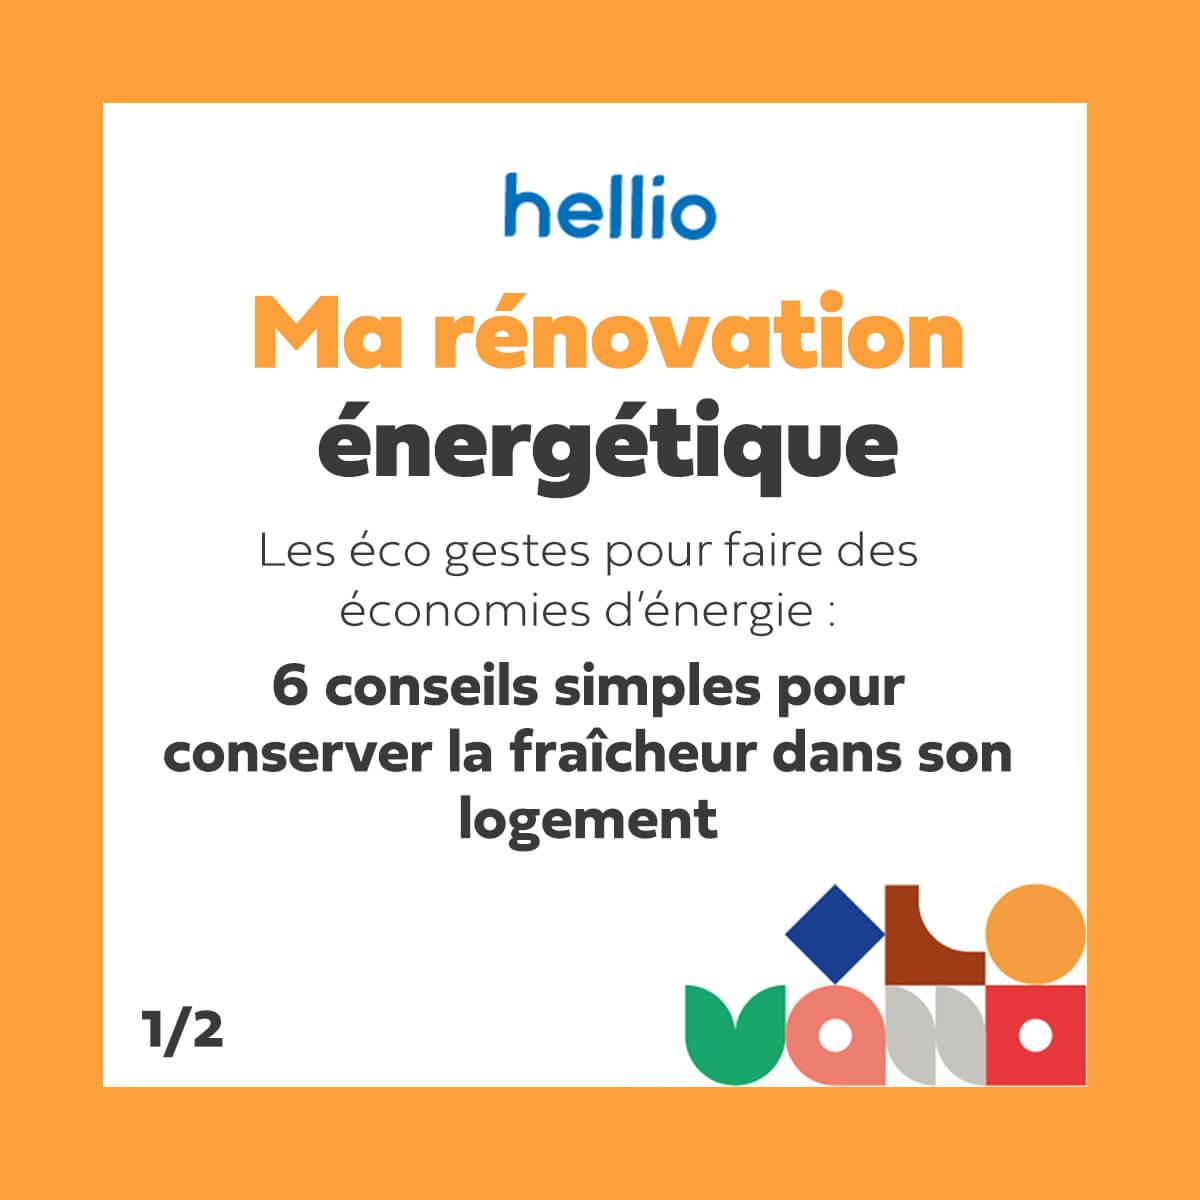 podcast Ma rénovation énergétique Hellio : 6 conseils simples pour conserver la fraîcheur dans son logement